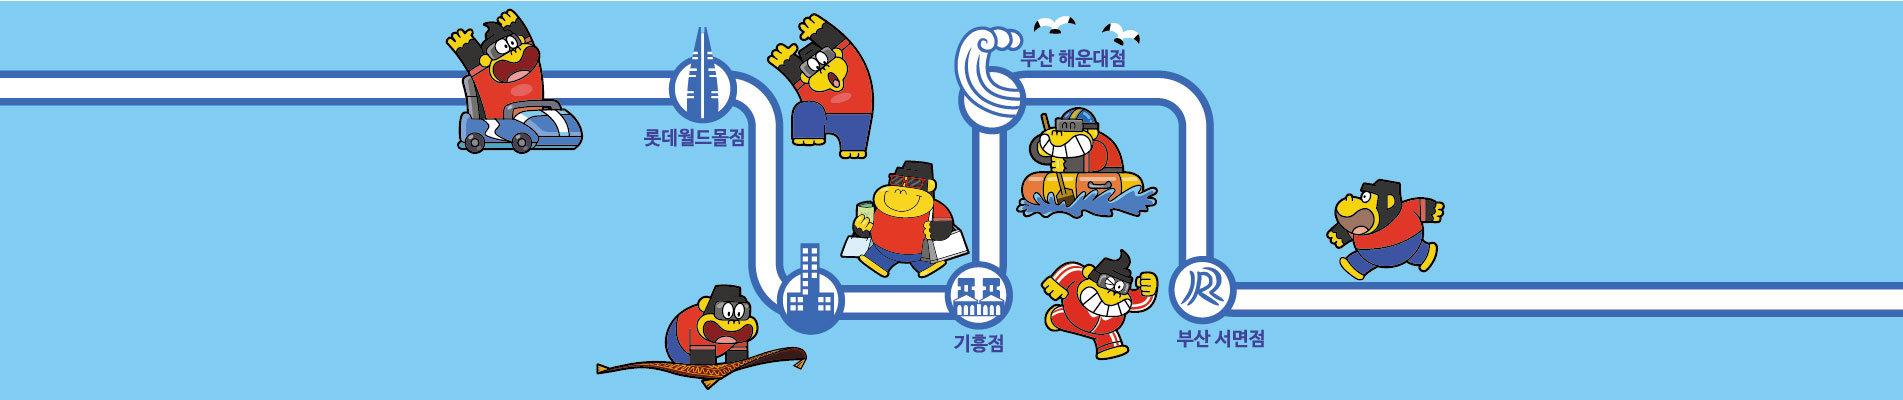 서브배경_매장정보(2).jpg